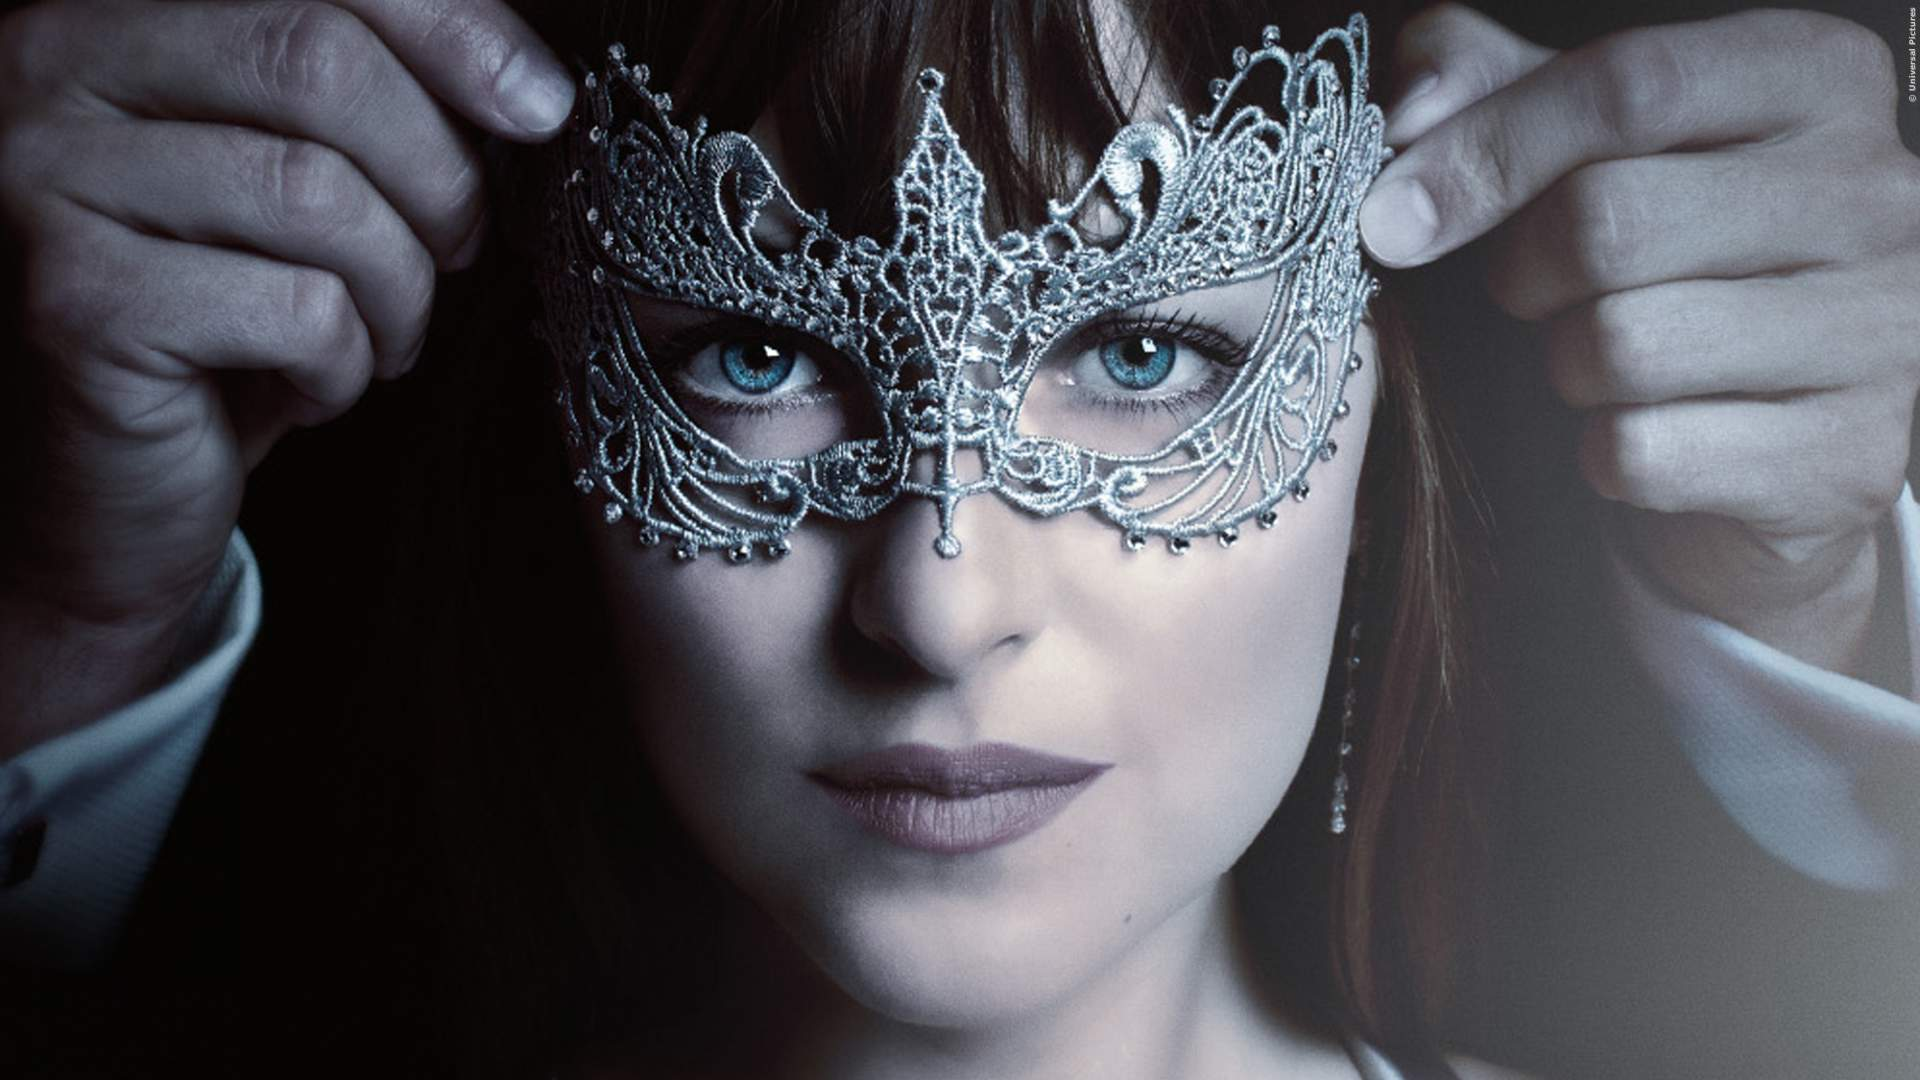 Fifty Shades Of Grey 2 Trailer - Gefährliche Liebe - Bild 1 von 5